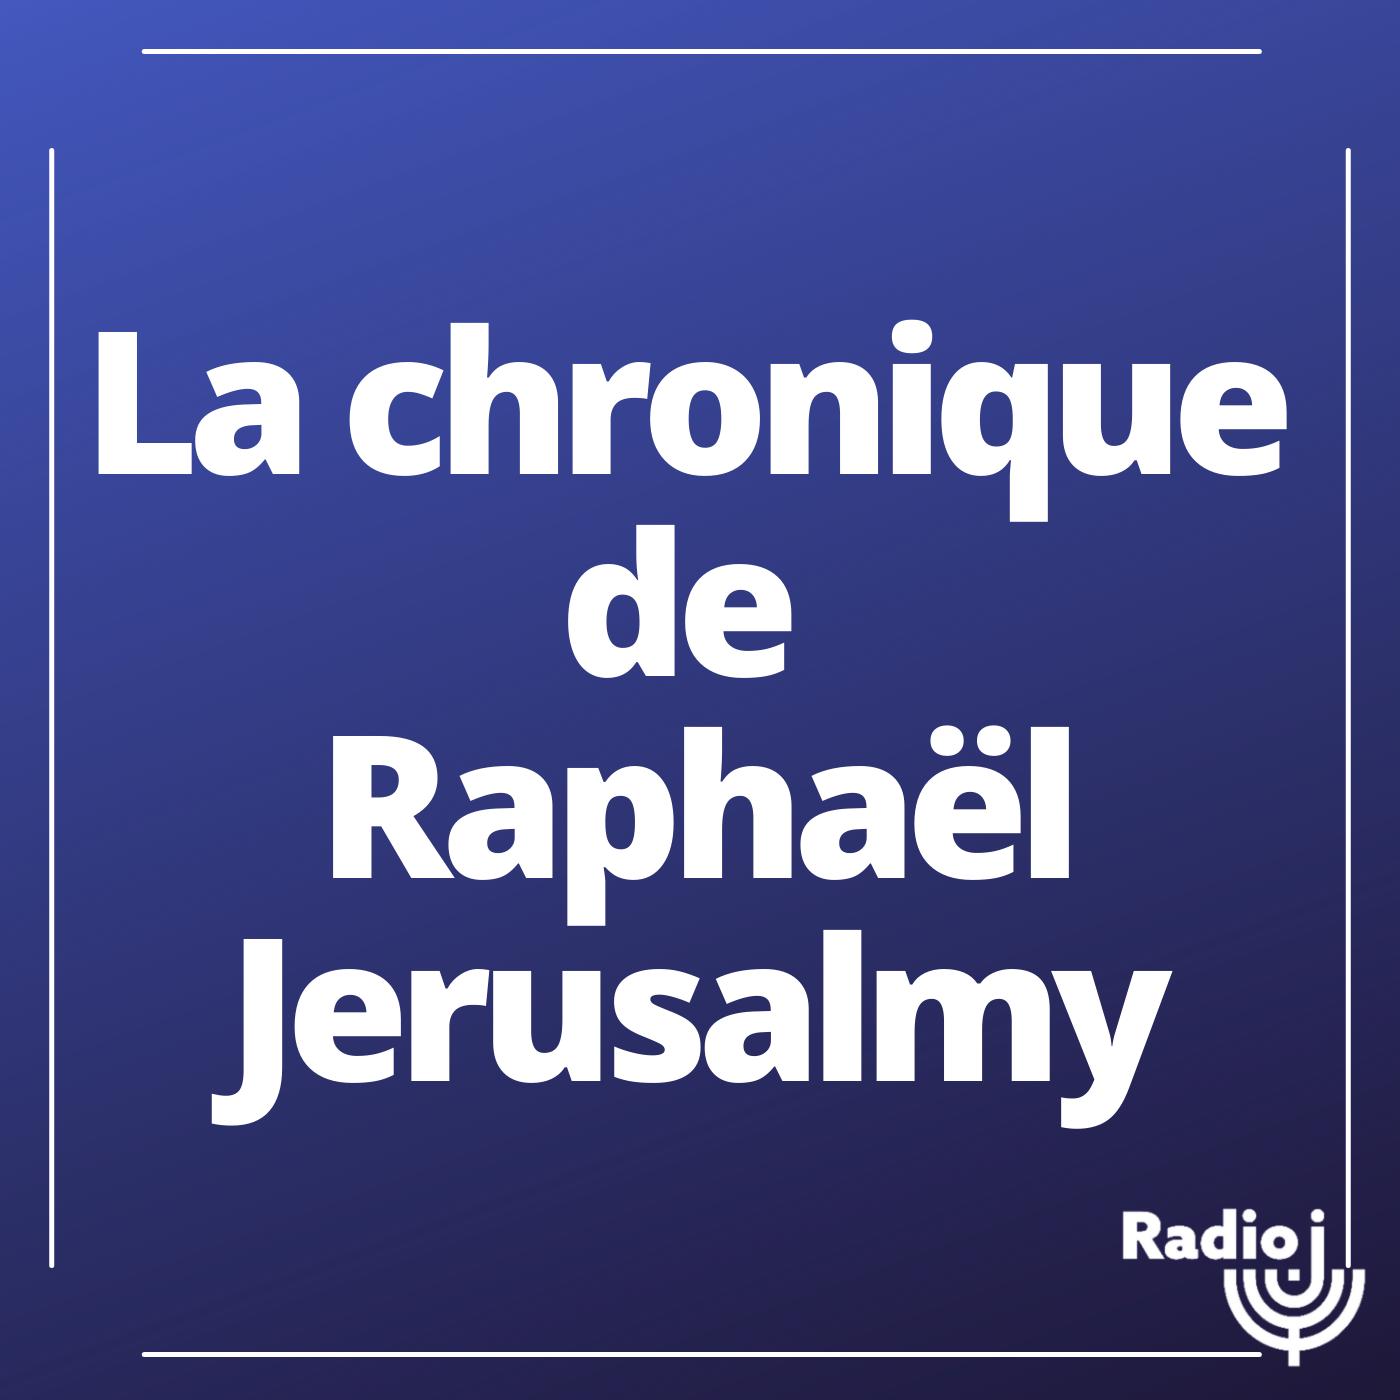 La chronique de Raphaël Jerusalmy